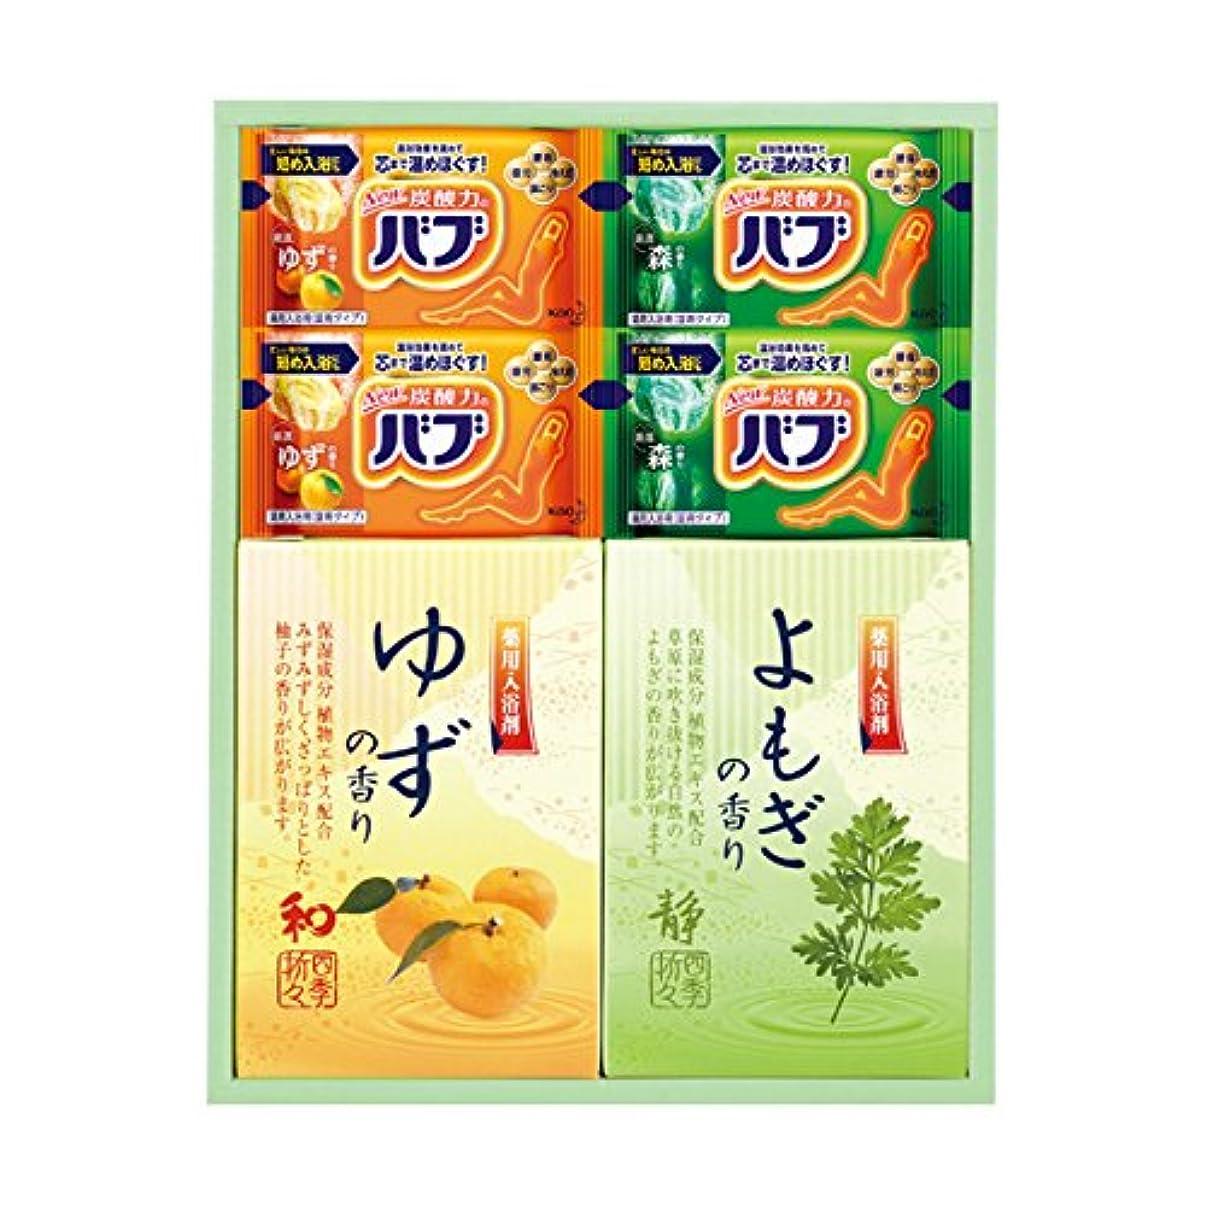 ライムクック樹木炭酸 薬用入浴剤セット BKK-10 BKK-10